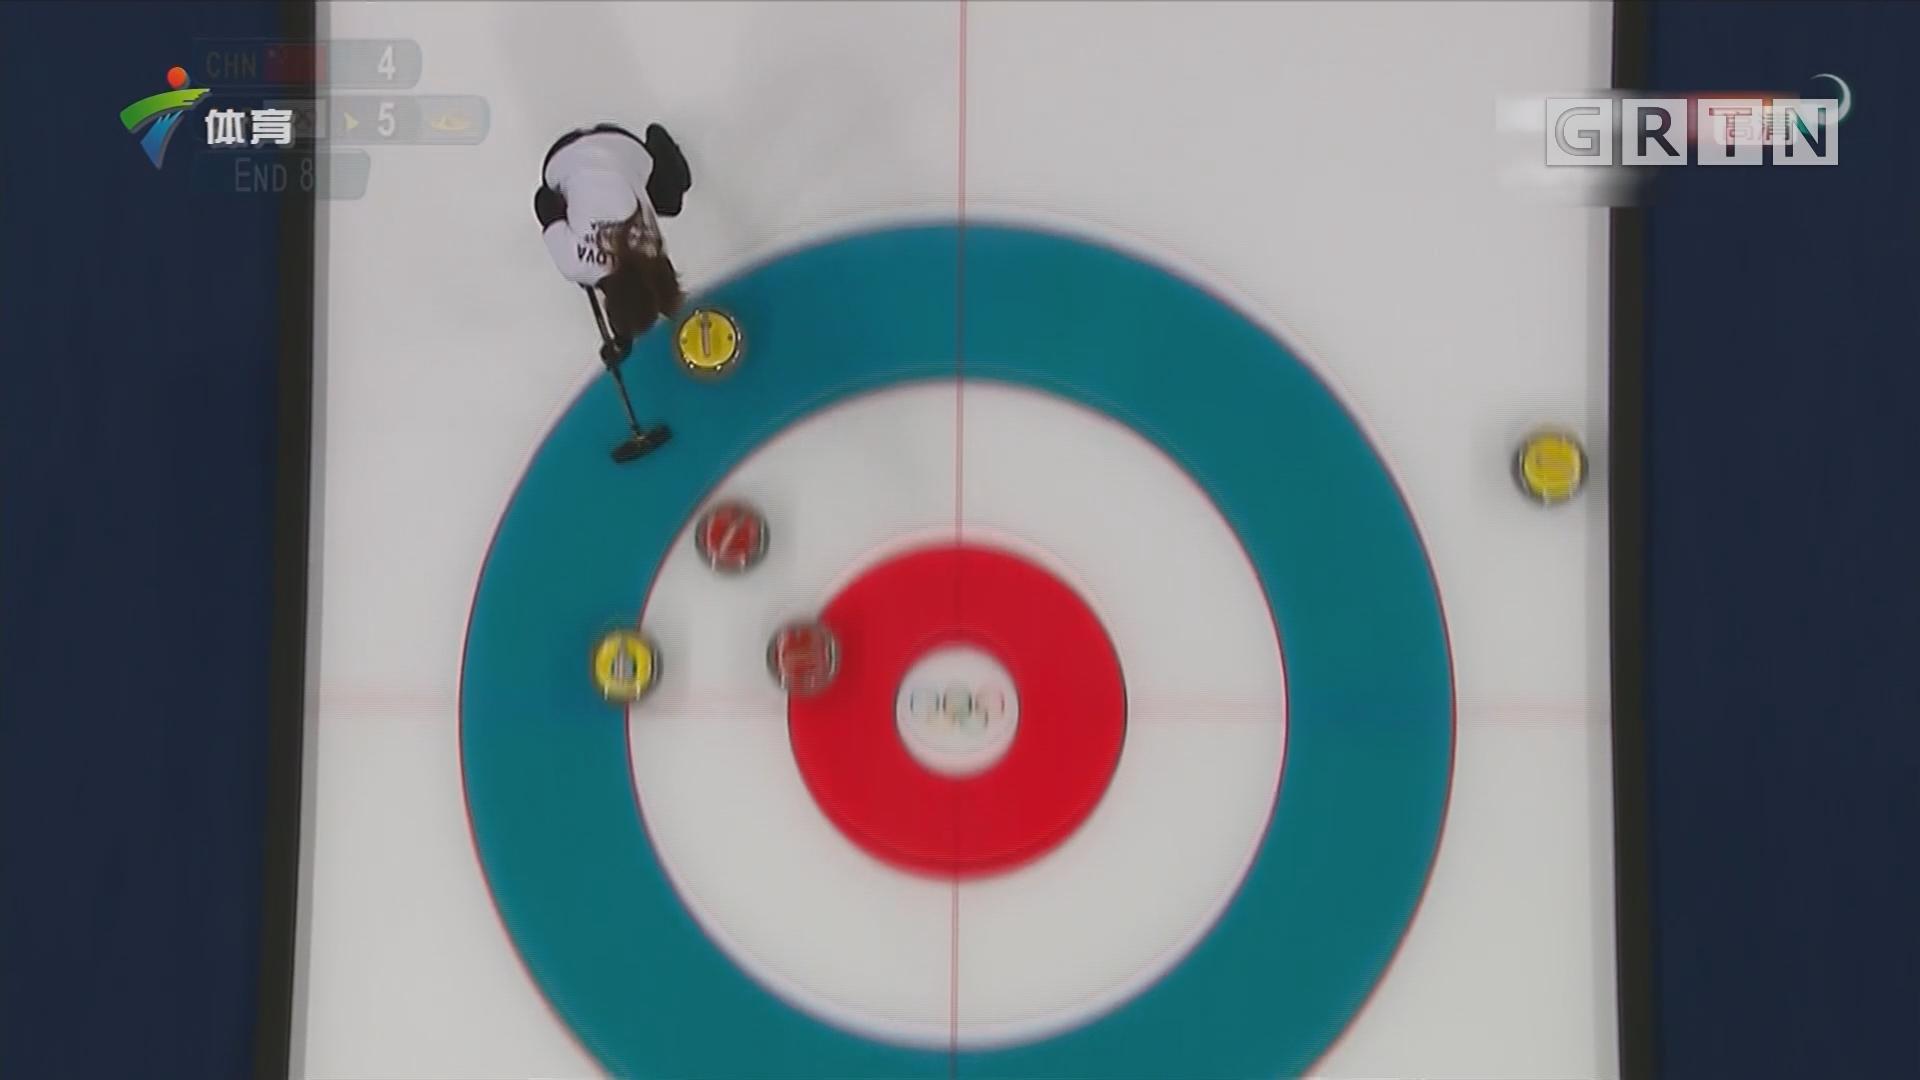 平昌冬奥会冰壶混双 中国队不敌俄罗斯奥运选手